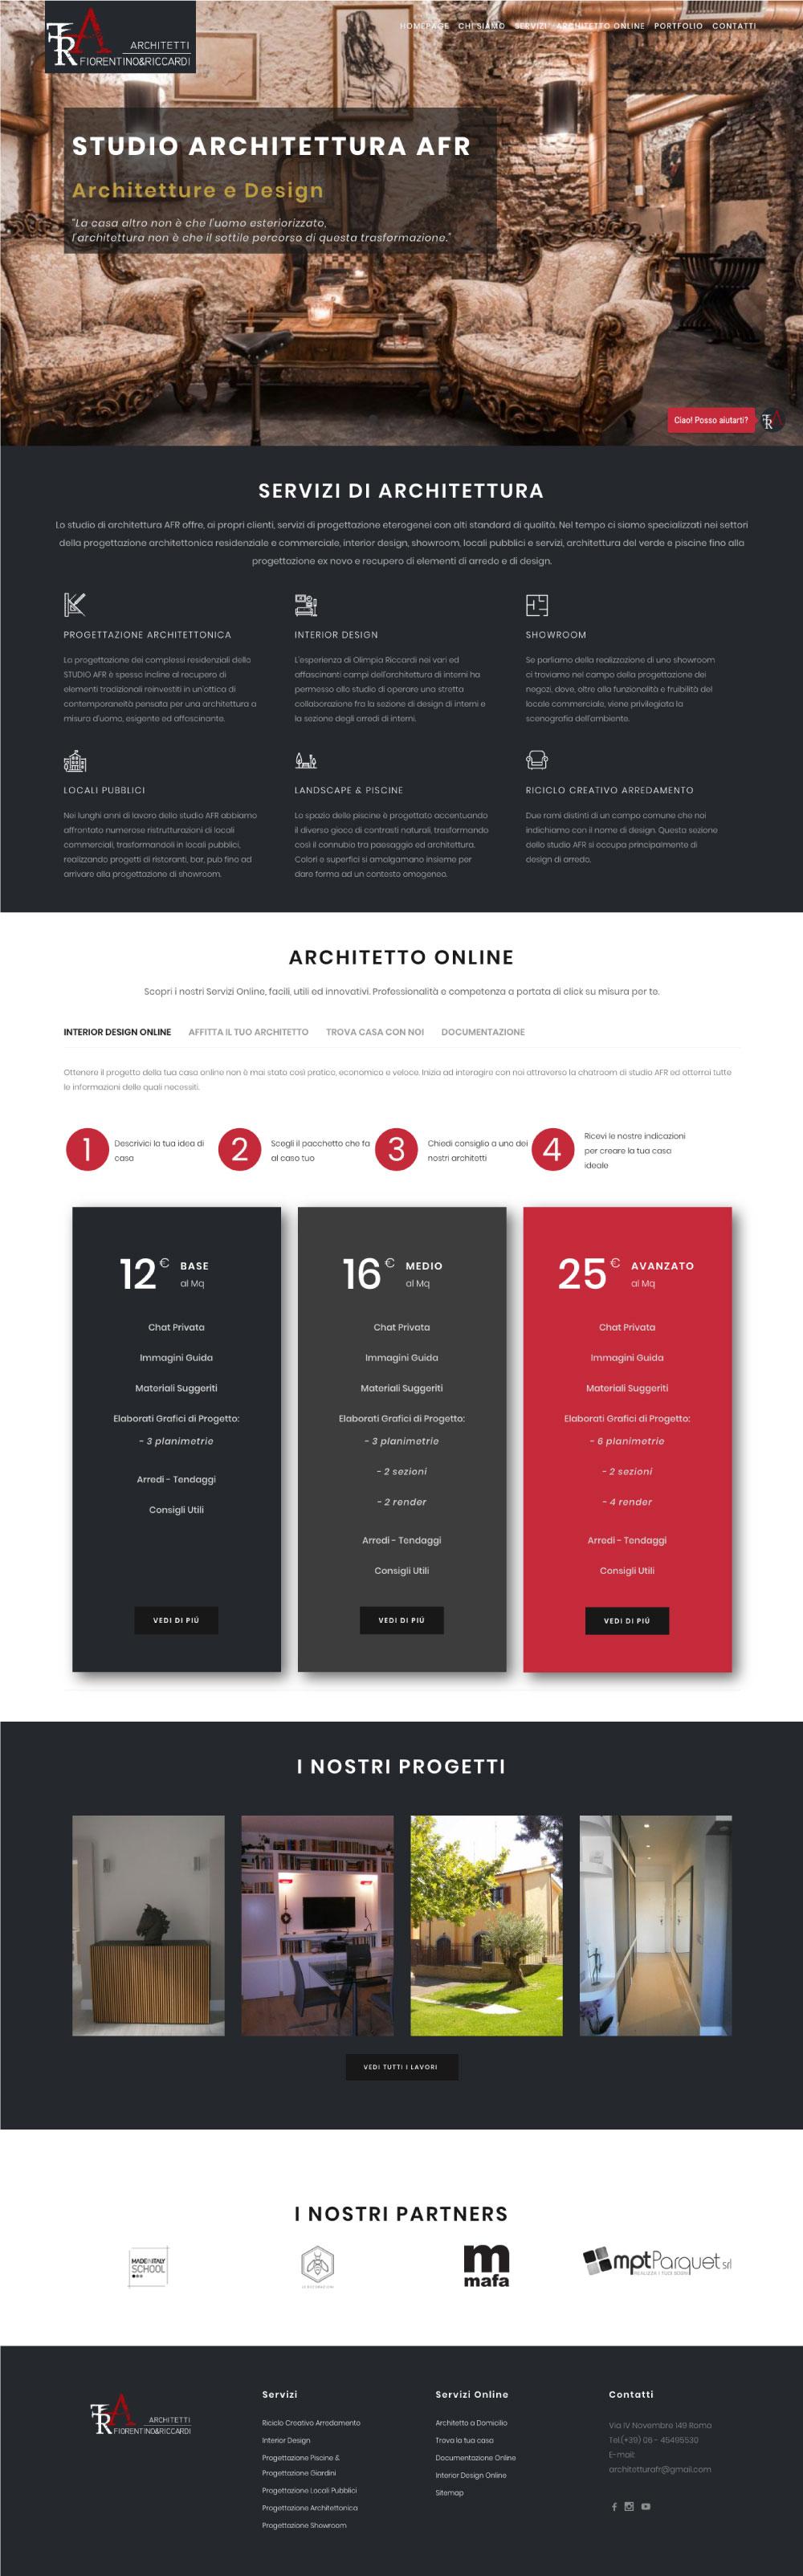 studio architettura afr architetture e design